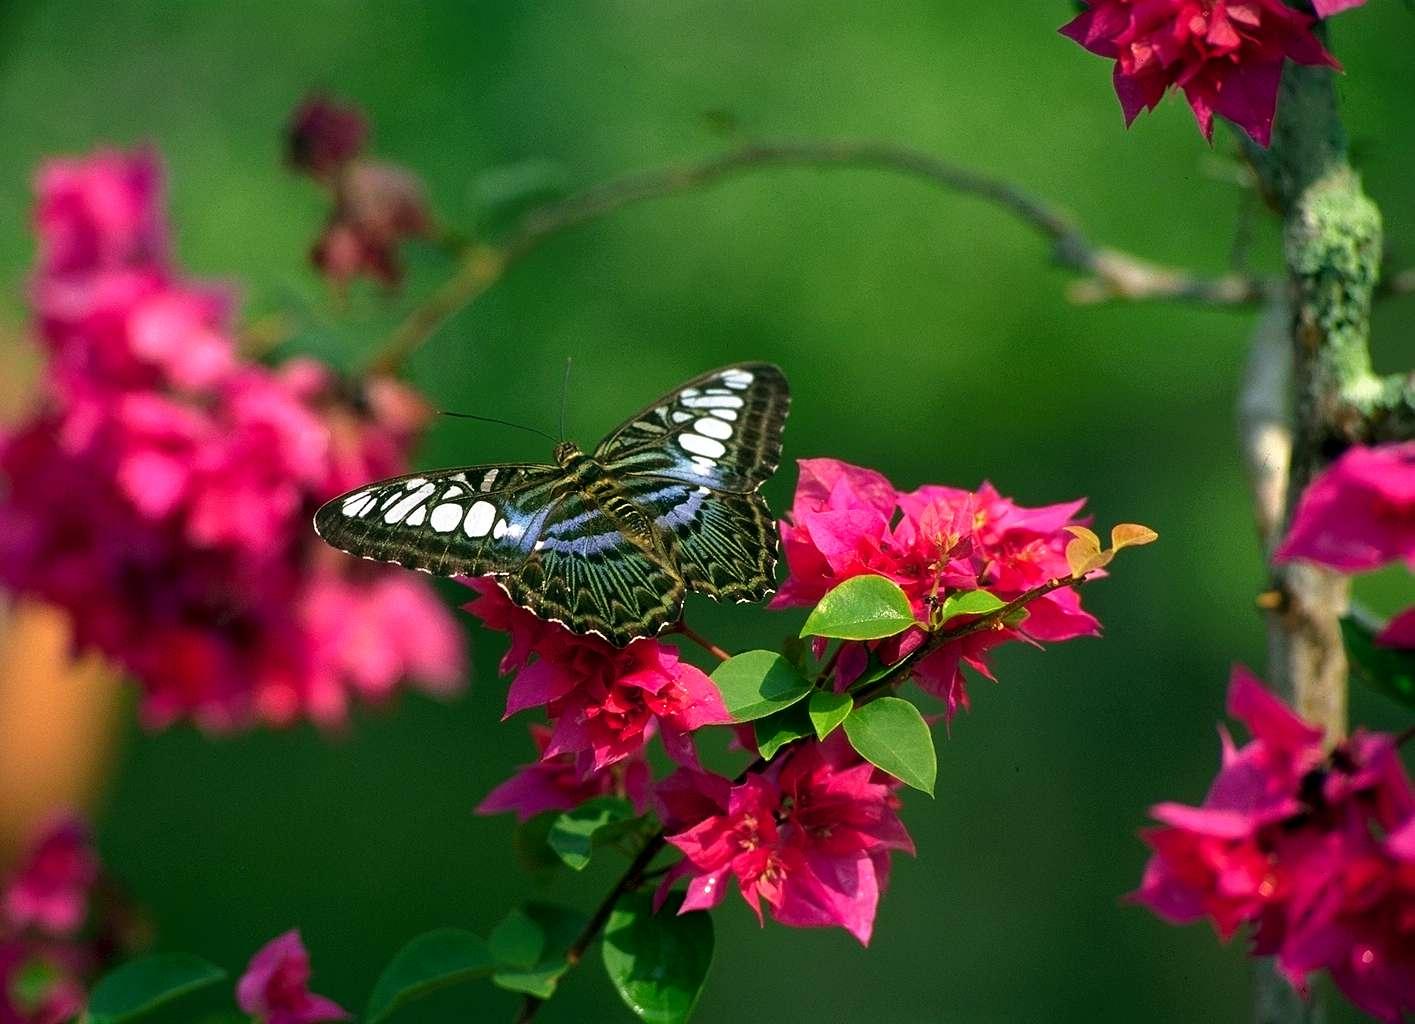 Beautiful nature and flowers wallpapers pics animaxwallpaper beautiful nature wallpaper flowers wallpapersafari izmirmasajfo